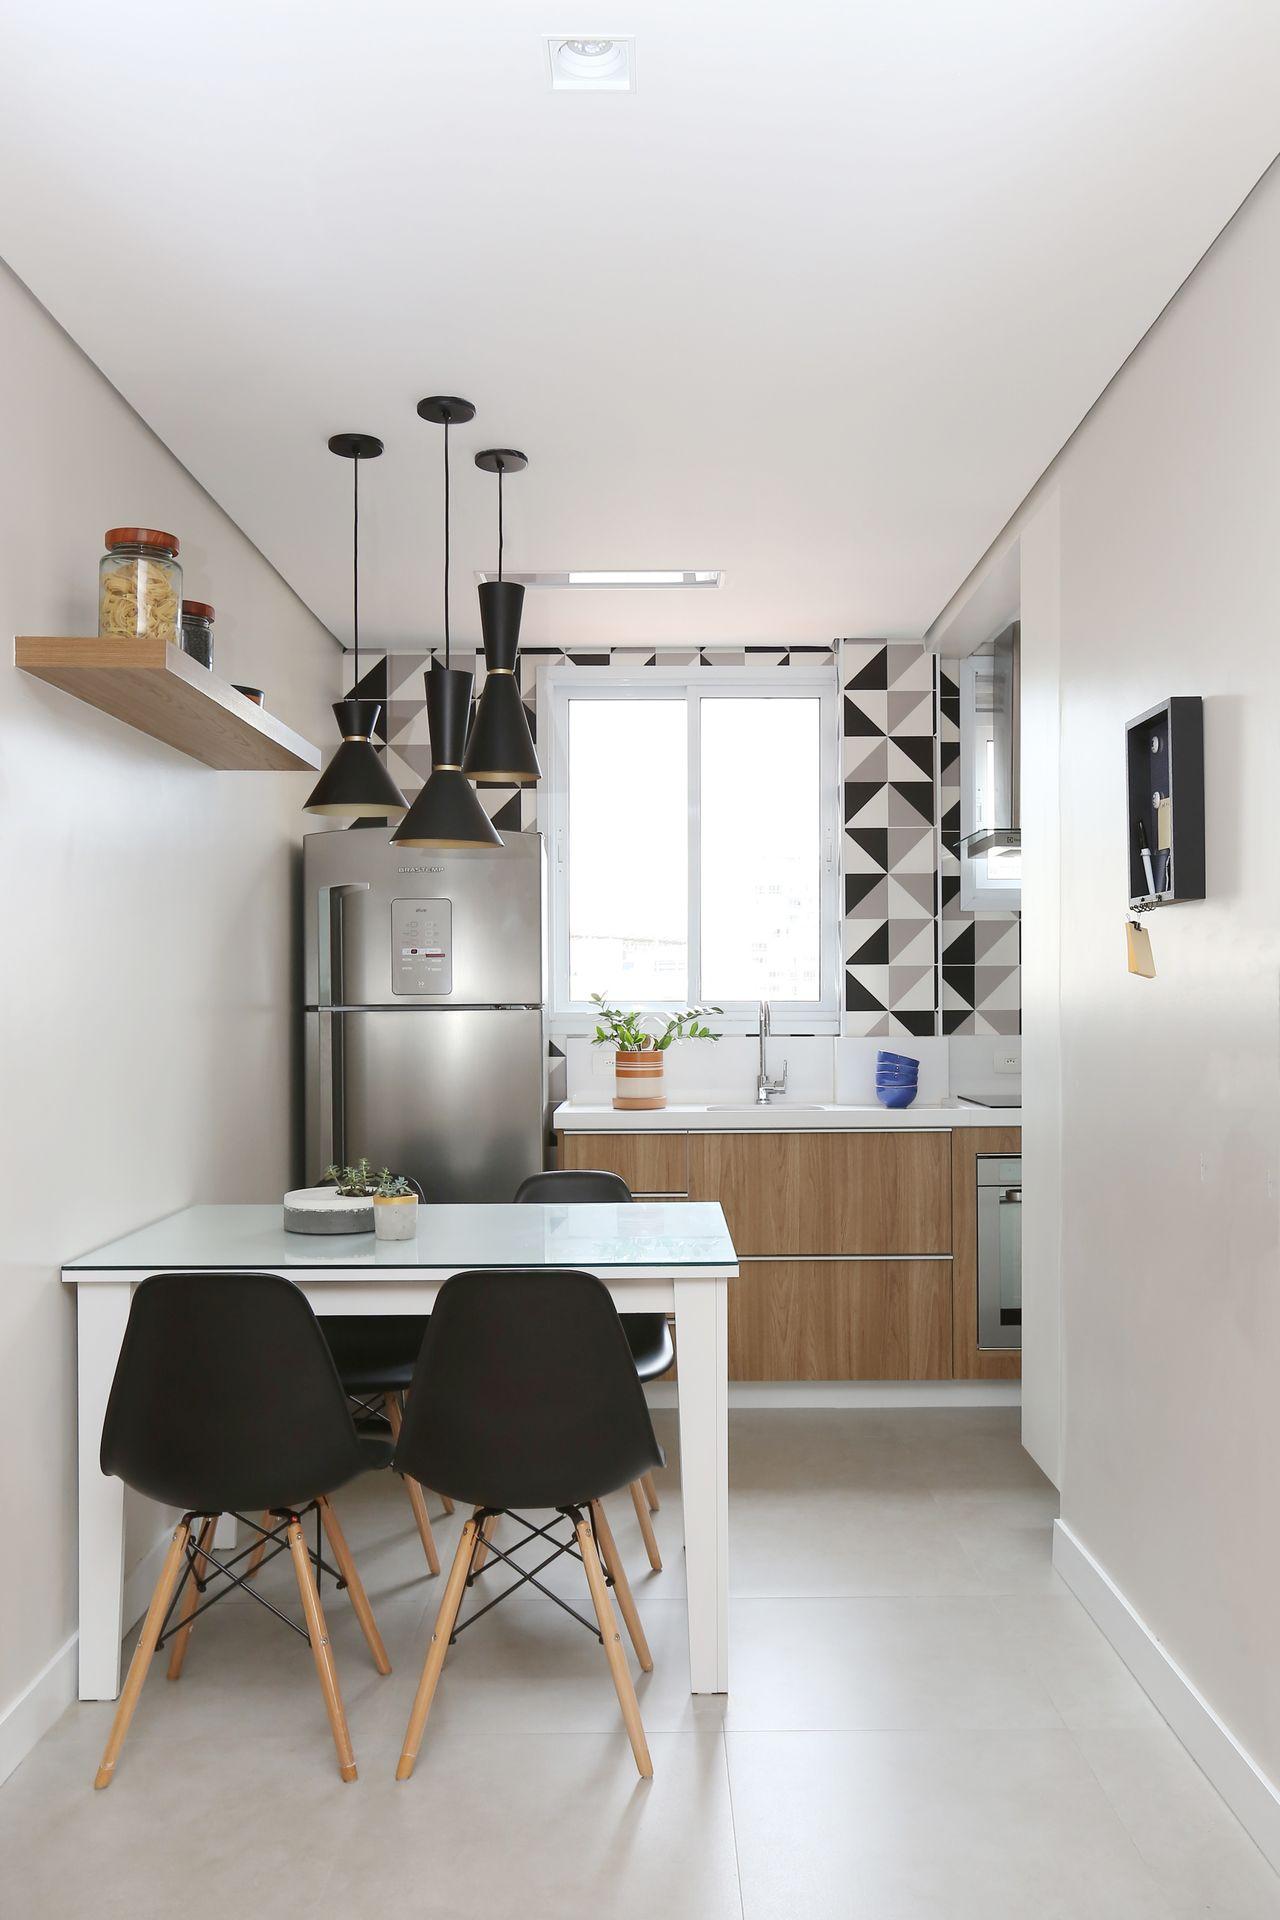 Cozinha Branca E Preta De Arquiteto Em Casa 169975 No Viva Decora